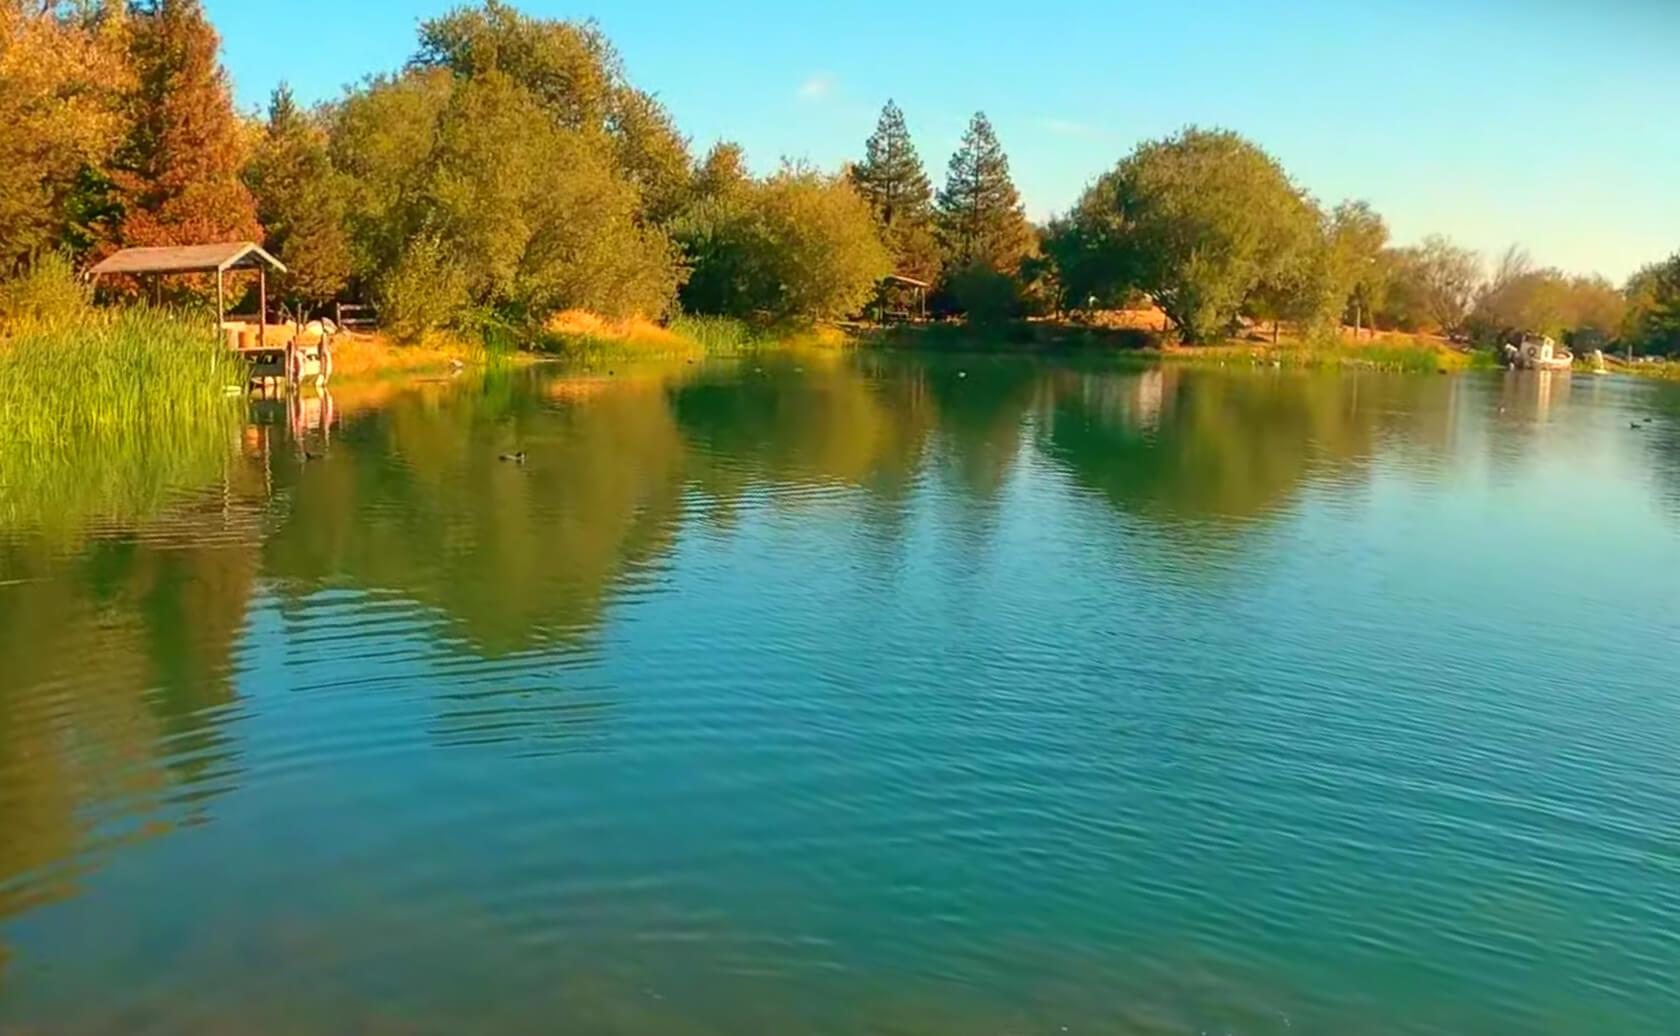 McAlpine-Lake-fishing-guide-report-San-Juan-Bautista-ca-07